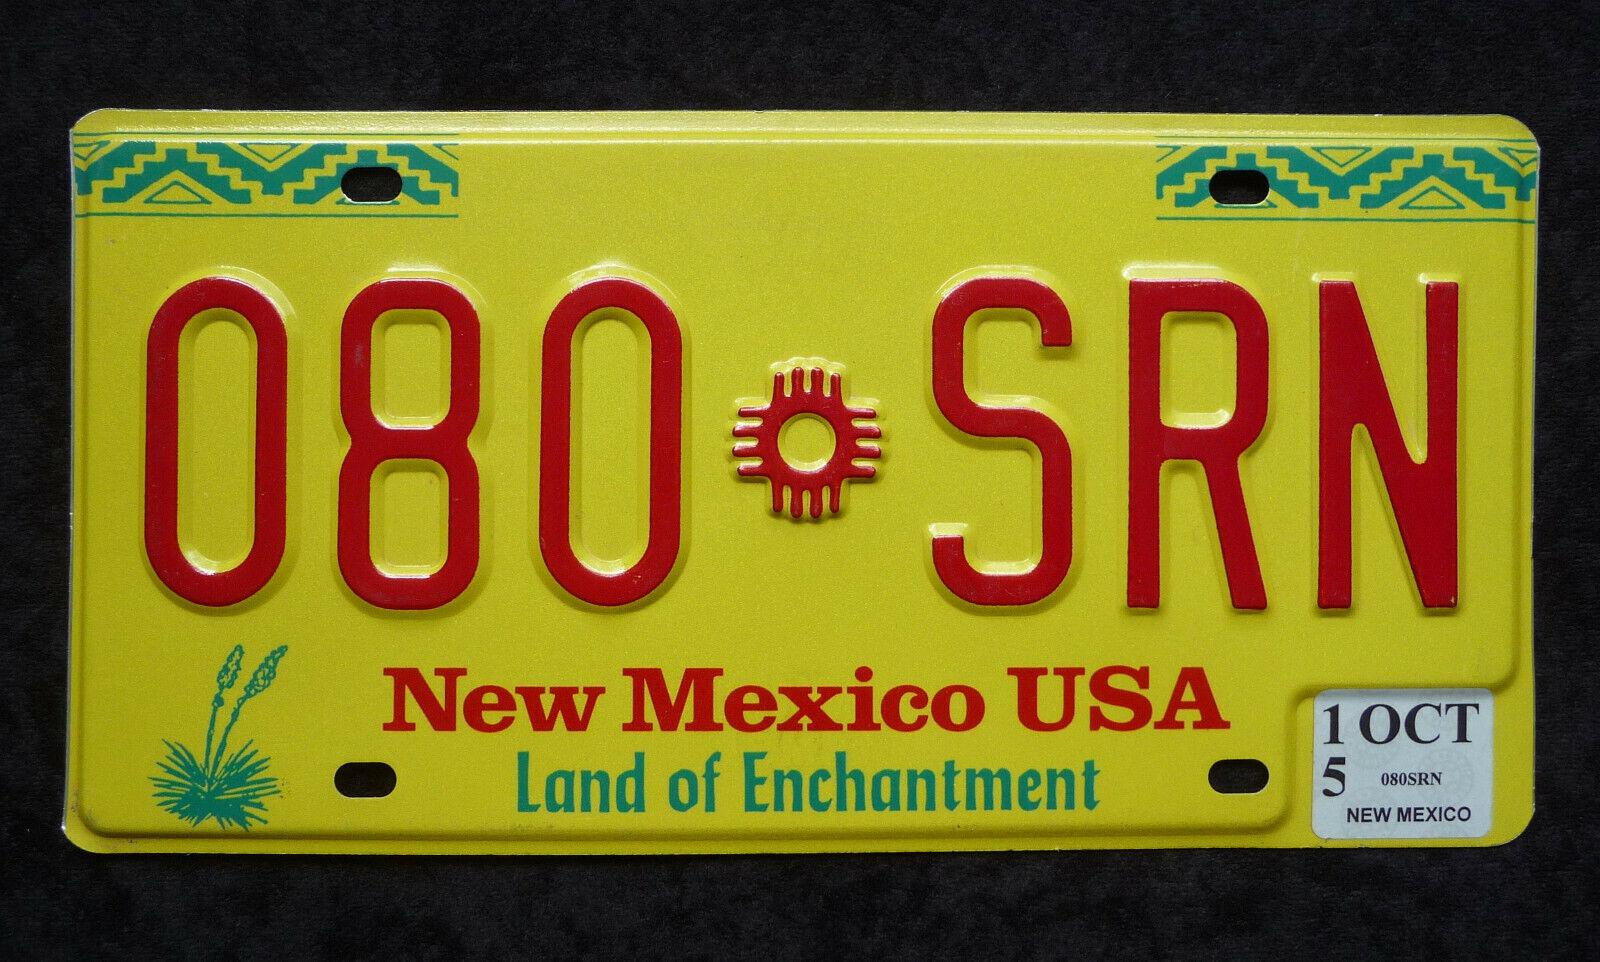 NEW MEXICO ★ Land of Enchantment ★ USA Auto Kennzeichen ★ Original ★ Top! 080SRN